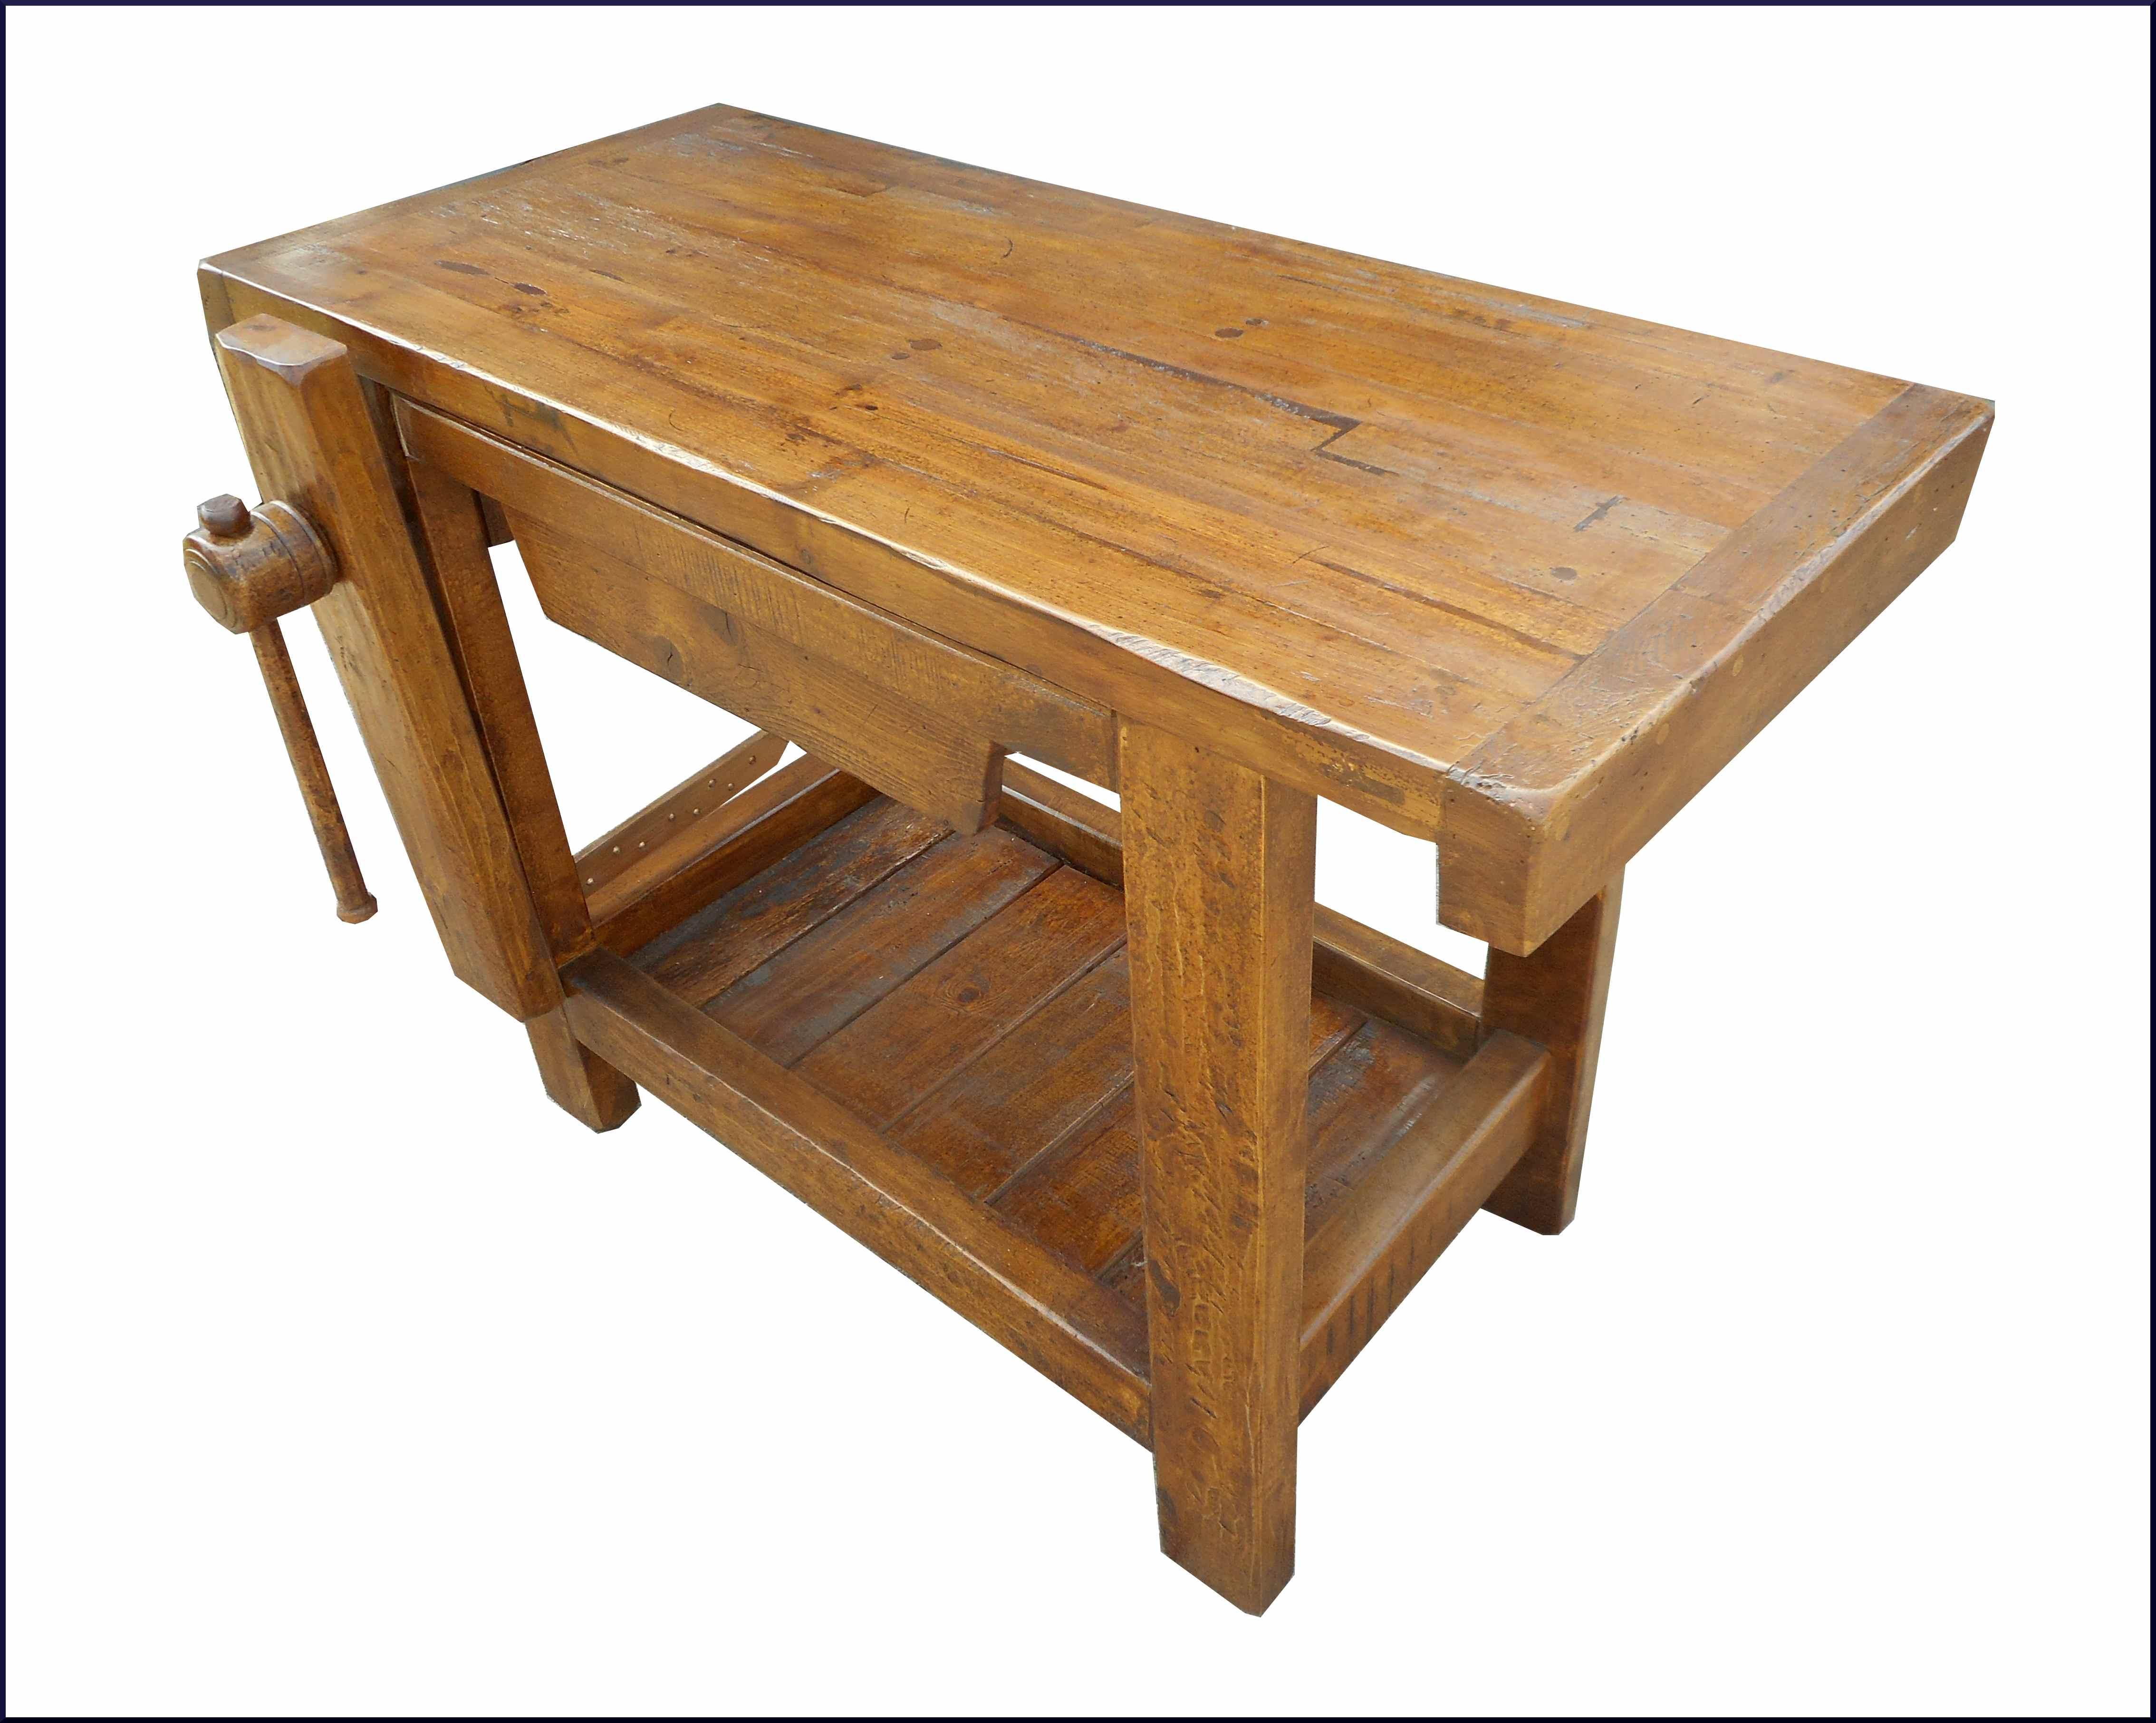 La commode di davide corno mobili antichi restaurati e - Ristrutturare mobili vecchi ...